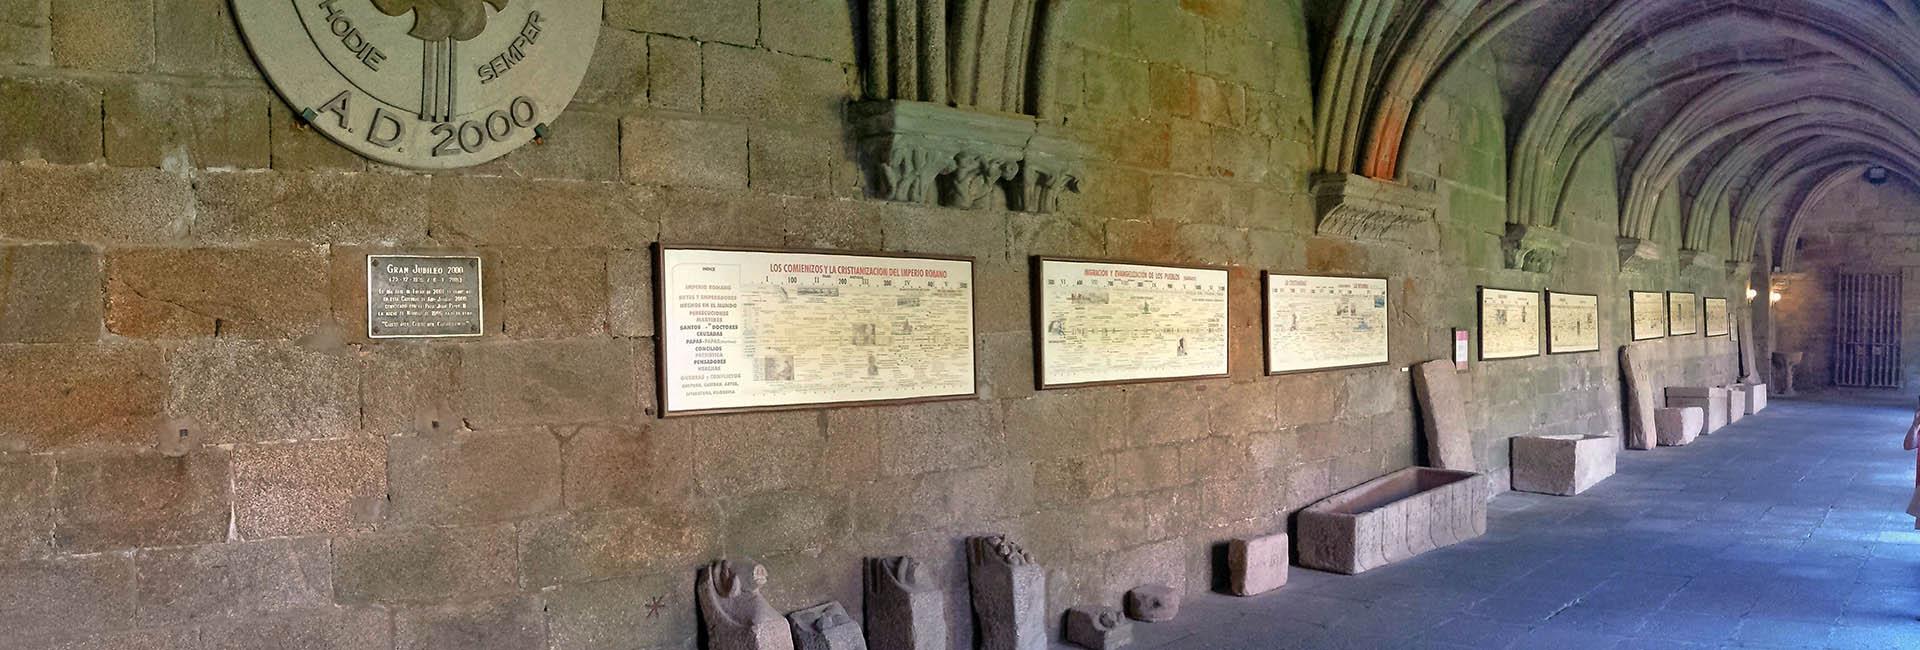 Claustro de la catedral de Tuy.